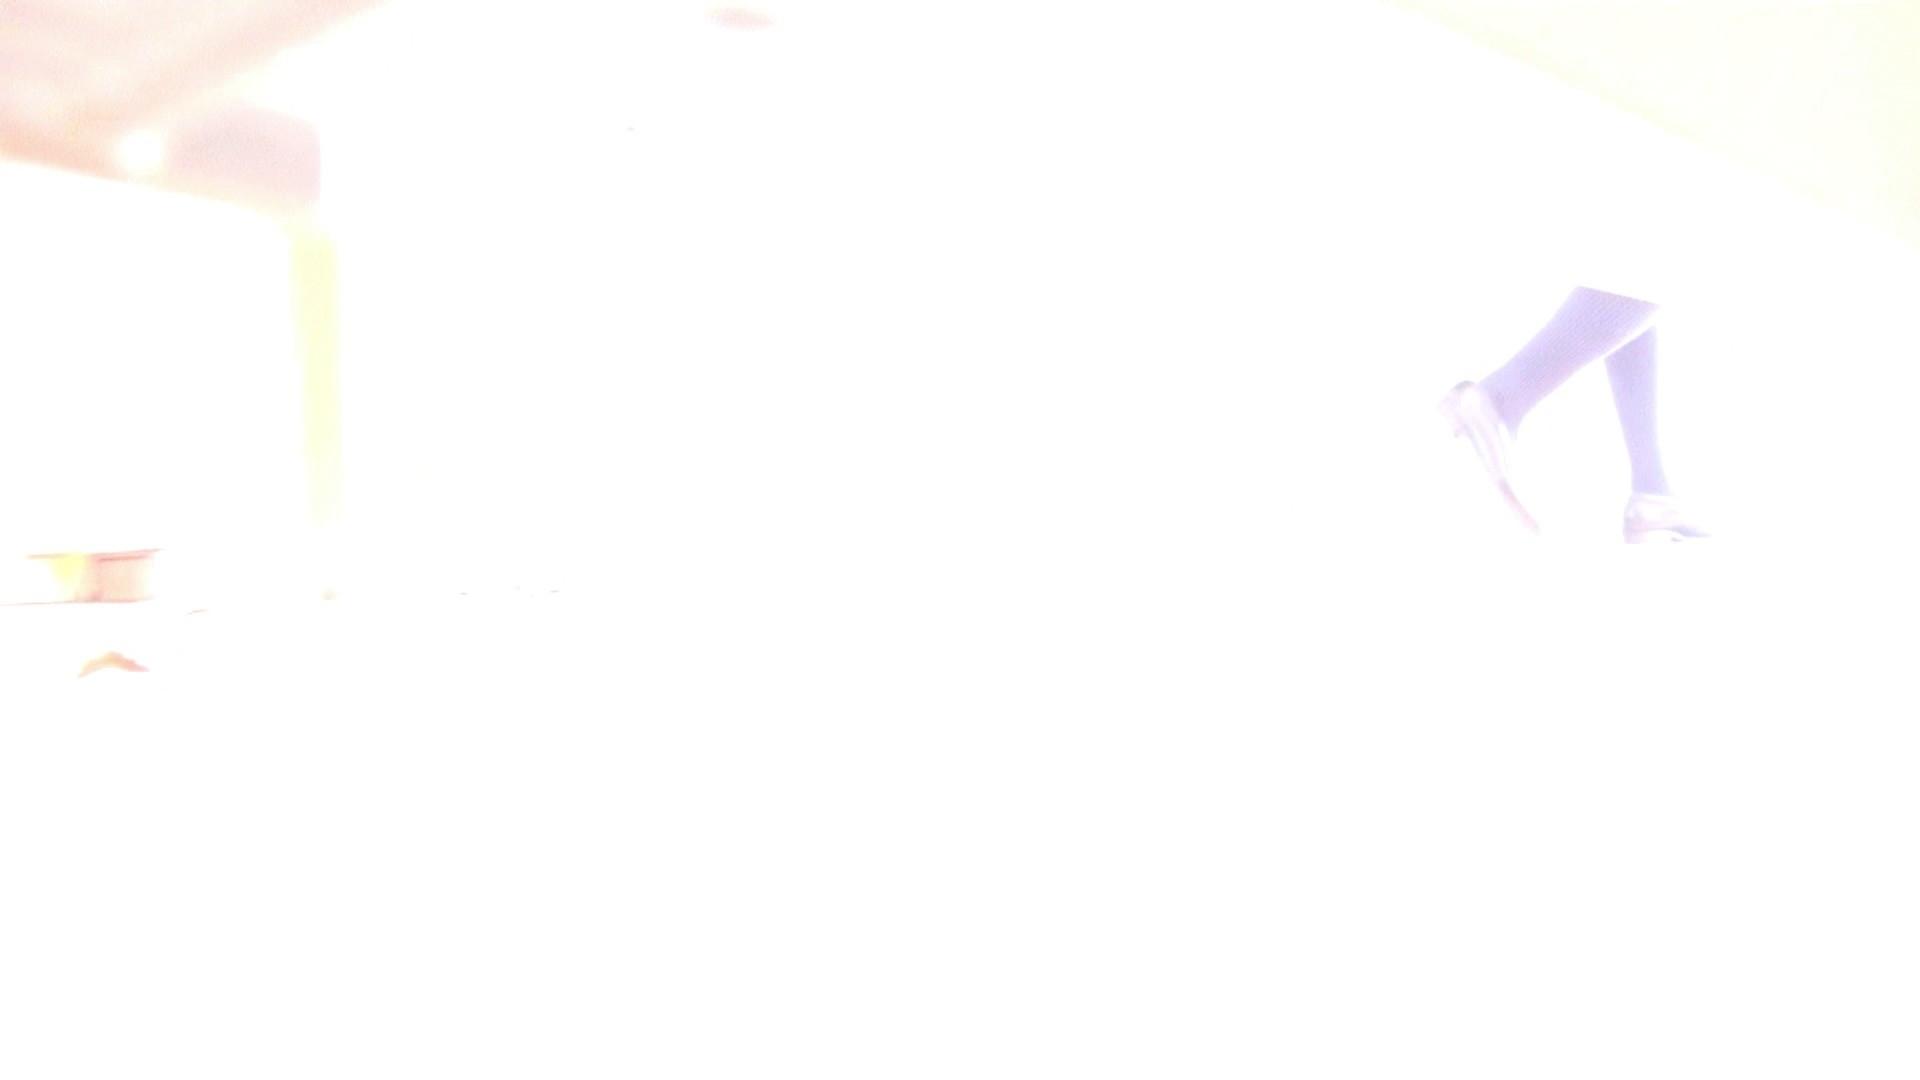 ※100個限定販売 至高下半身盗撮 プレミアム Vol.13 ハイビジョン 洗面所 | 名作殿堂  113画像 66